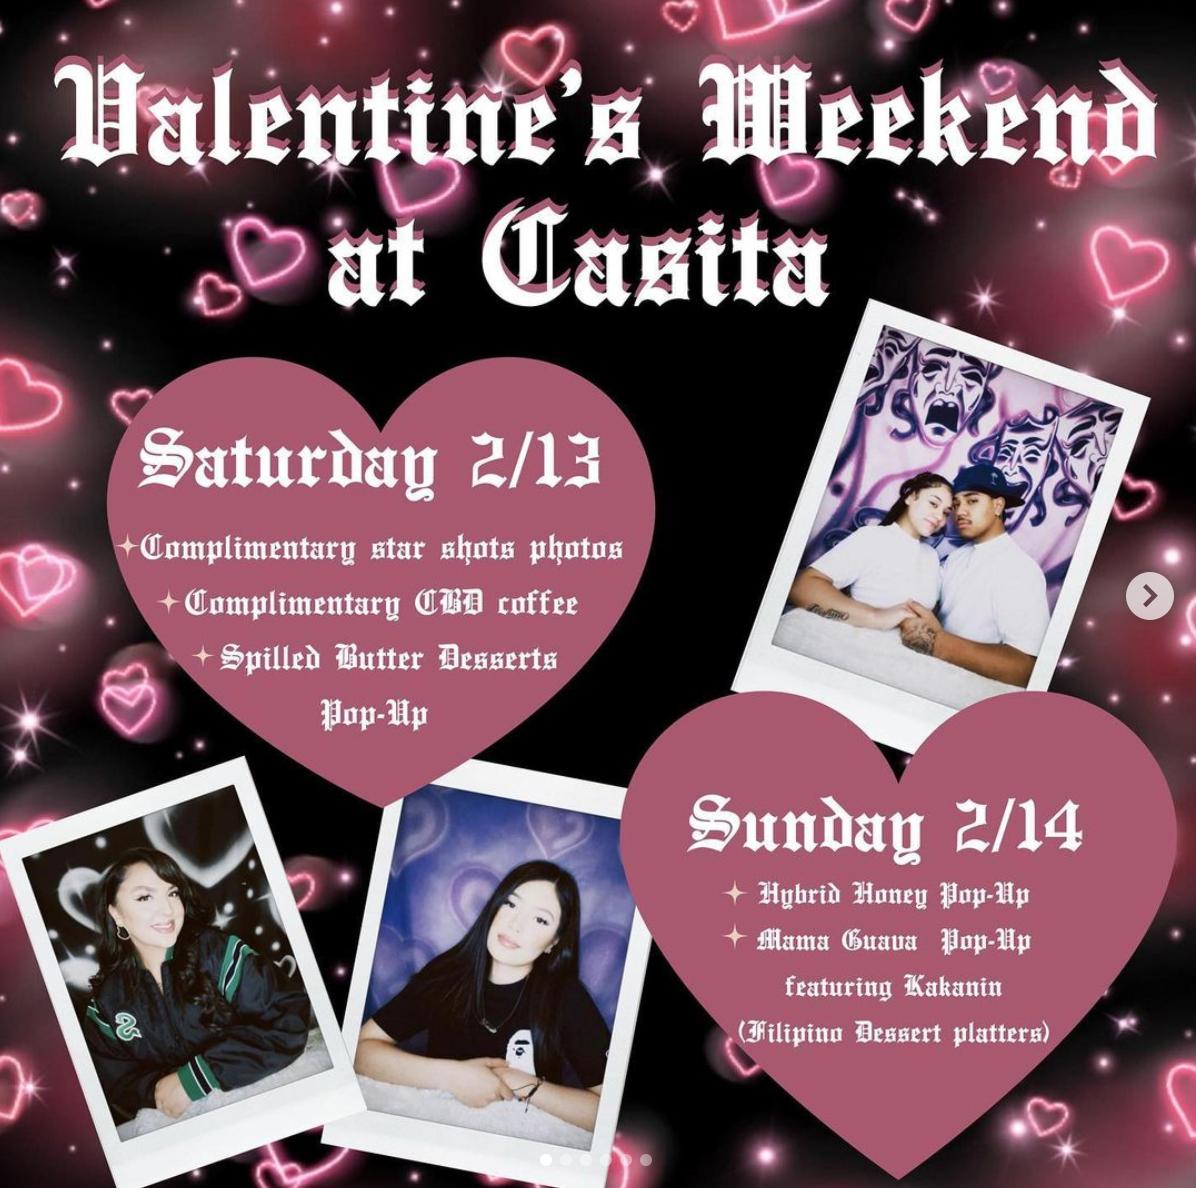 Valentine's Weekend at Casita information